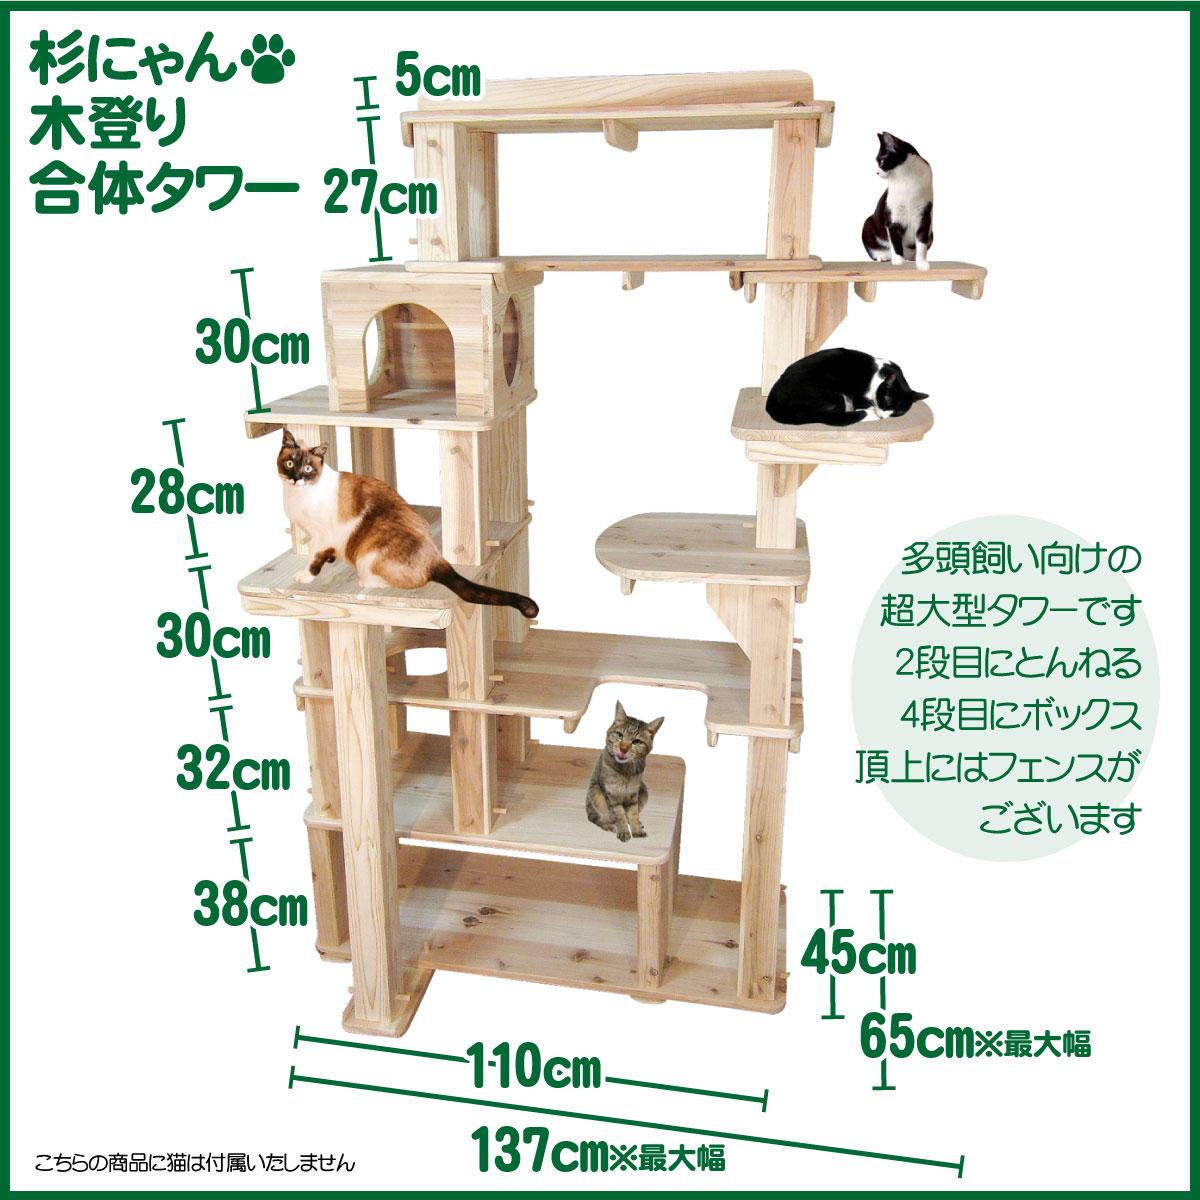 ステップたくさん!冒険心くすぐるタワーです